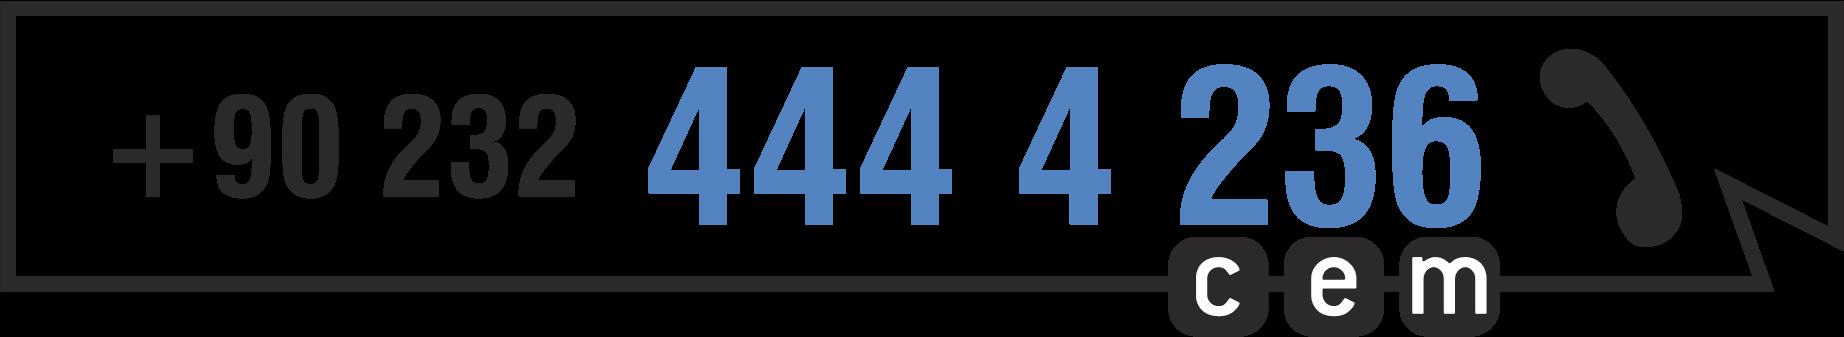 iletisim logo 1